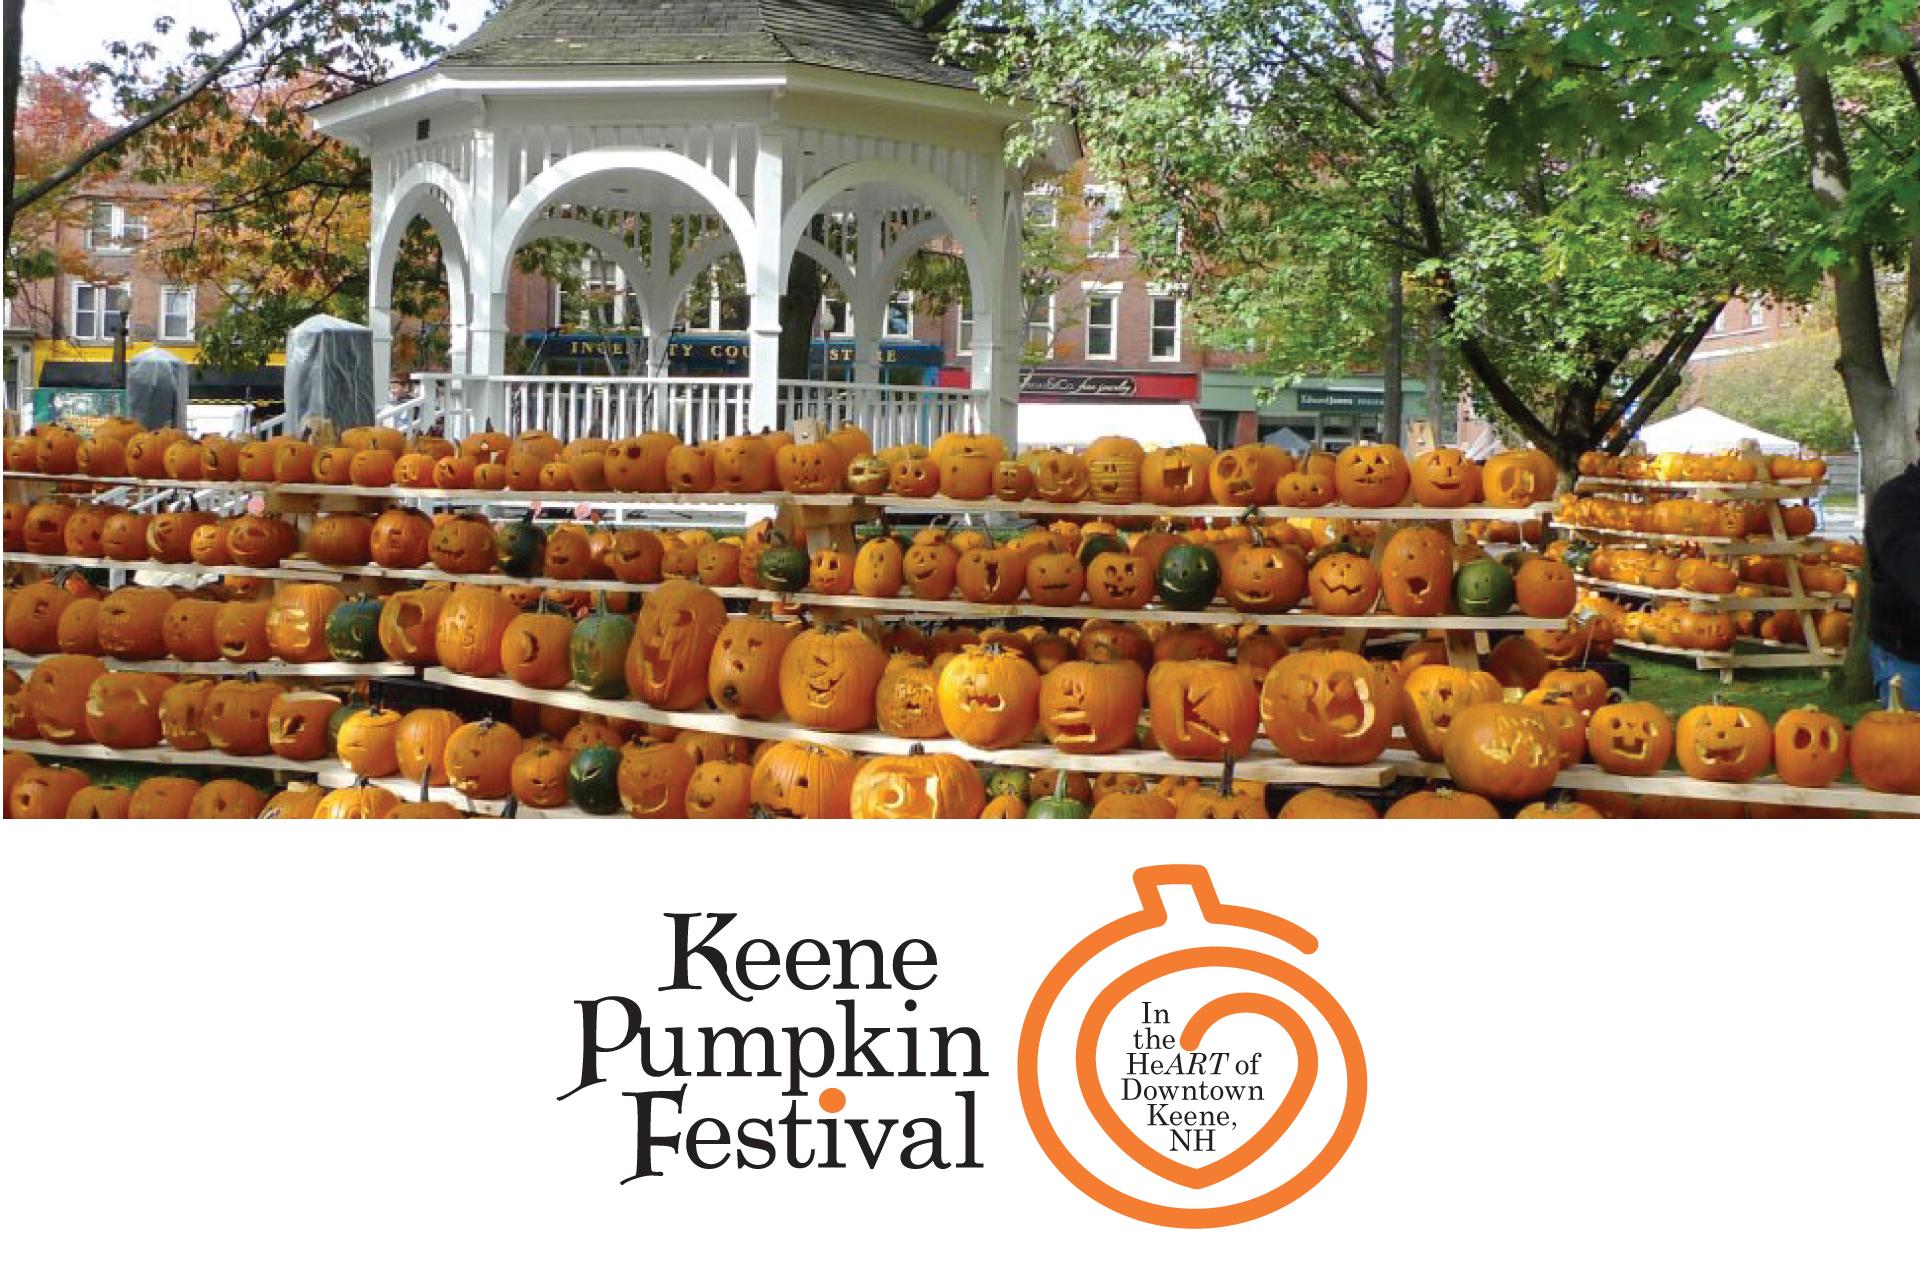 Laconia Pumpkin Festival 2020 Keene Pumpkin Festival